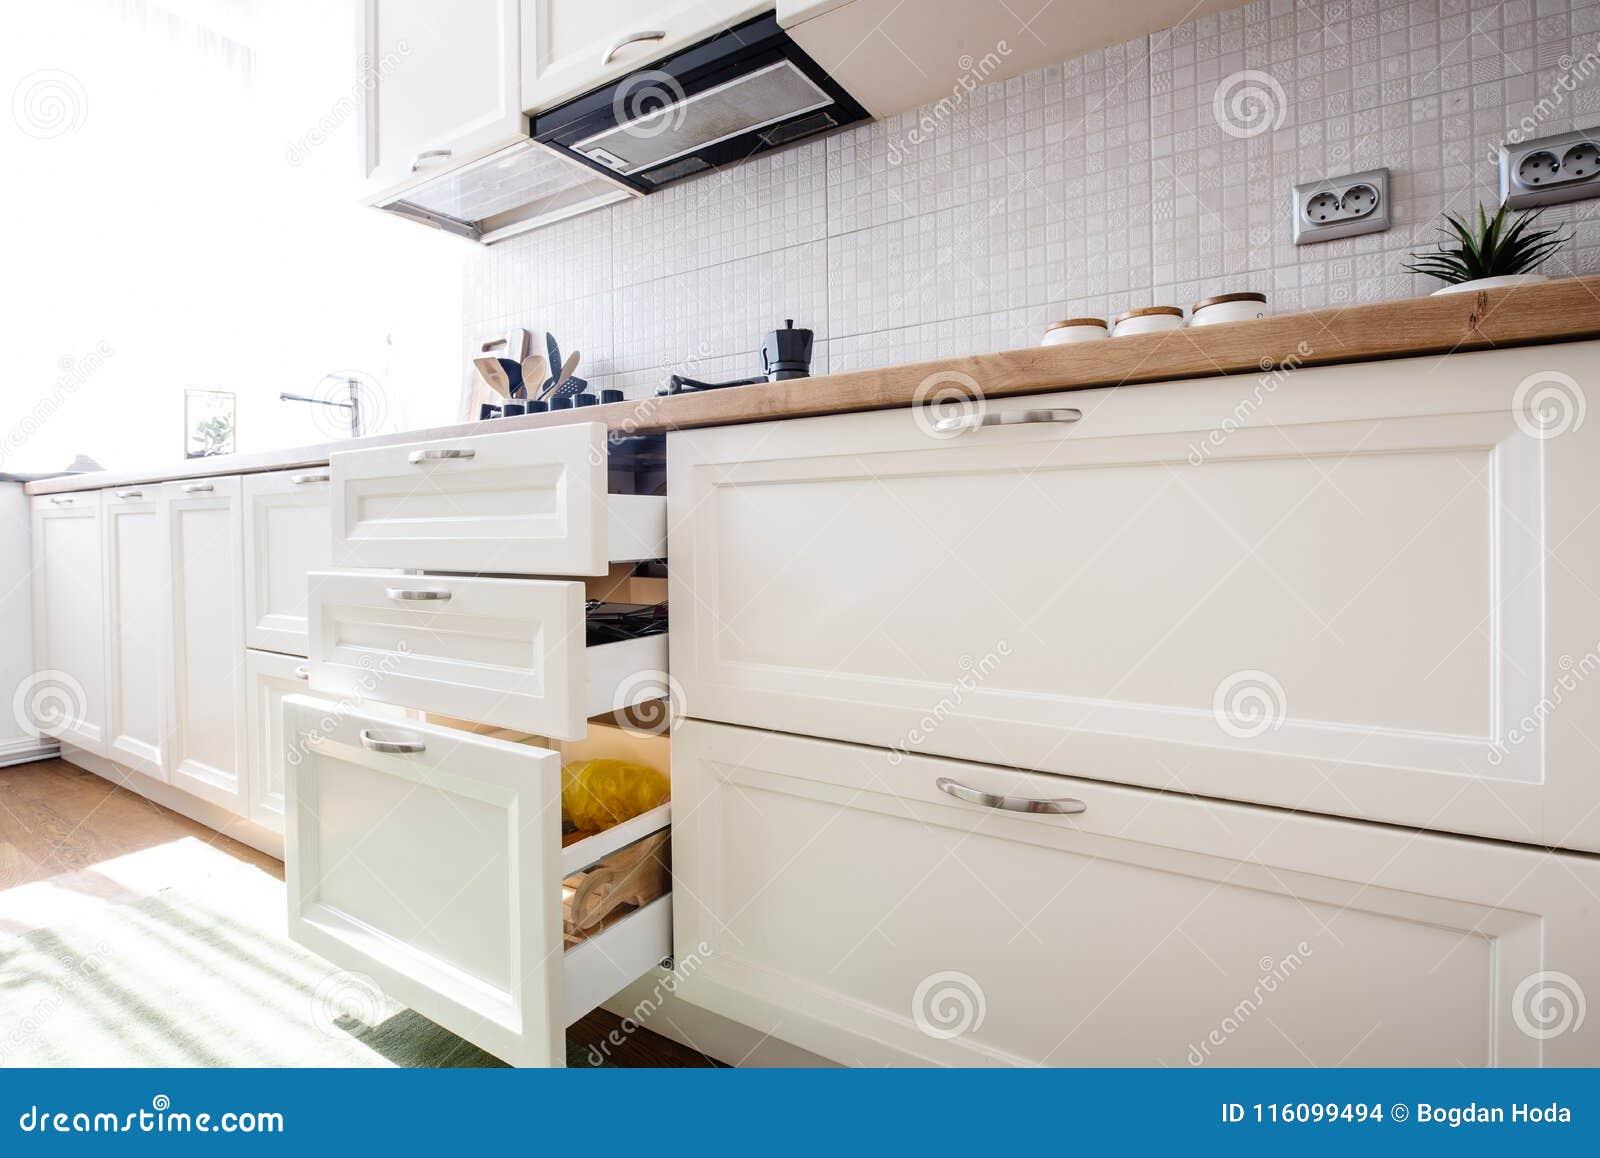 Moderne Kuchenschranke Mit Neuen Geraten Stockfoto Bild Von Haupt